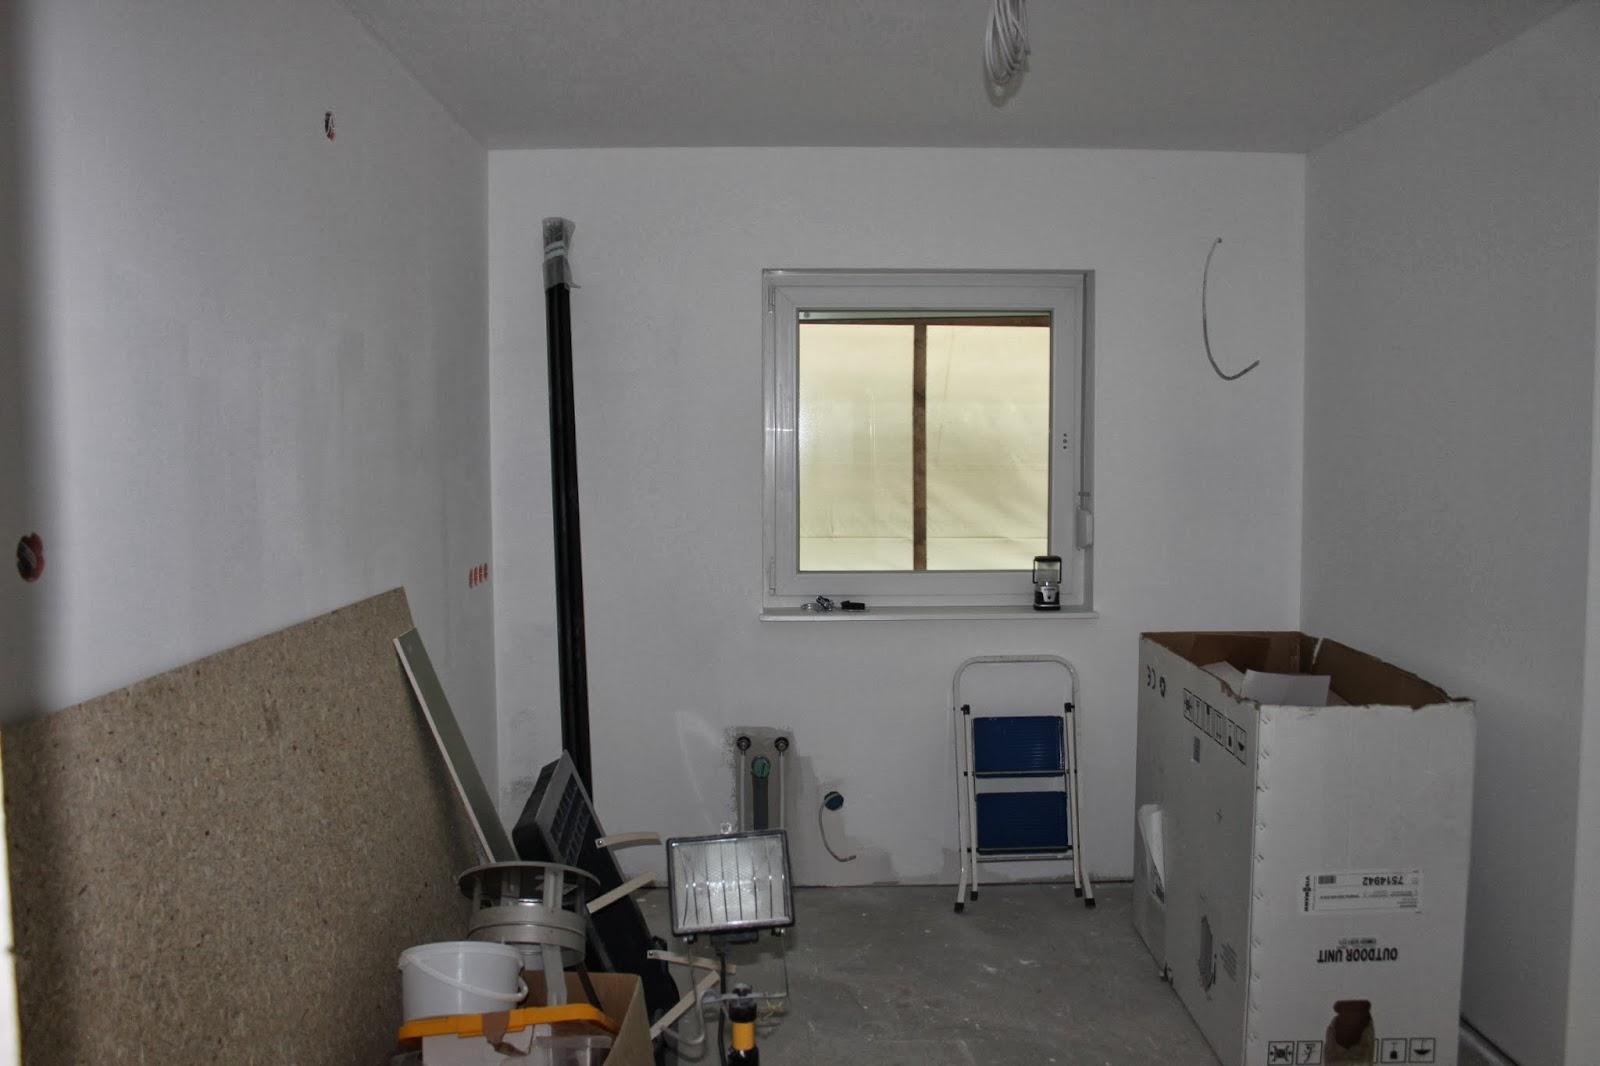 schlafzimmer hemnes. Black Bedroom Furniture Sets. Home Design Ideas